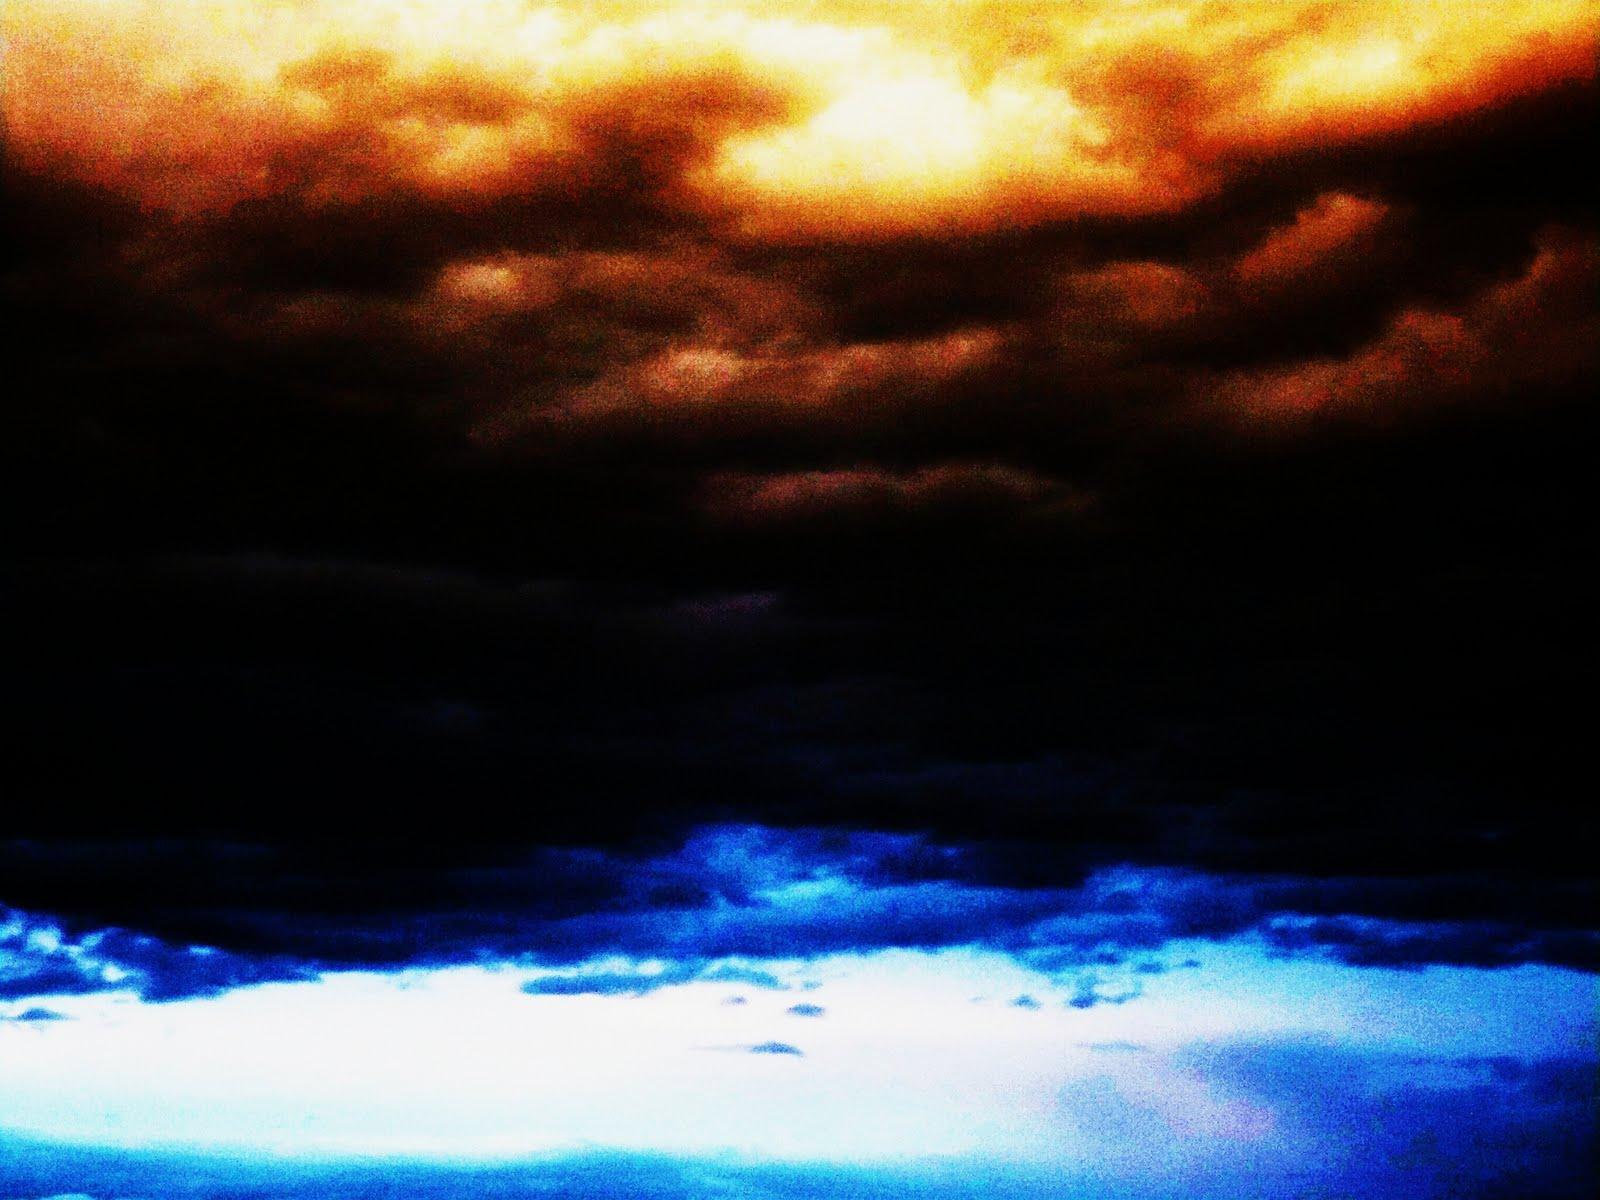 http://2.bp.blogspot.com/_hp7eNwB4rro/S_MjTNU00nI/AAAAAAAAAkc/JxxJGCERH1Y/s1600/05590143.JPG